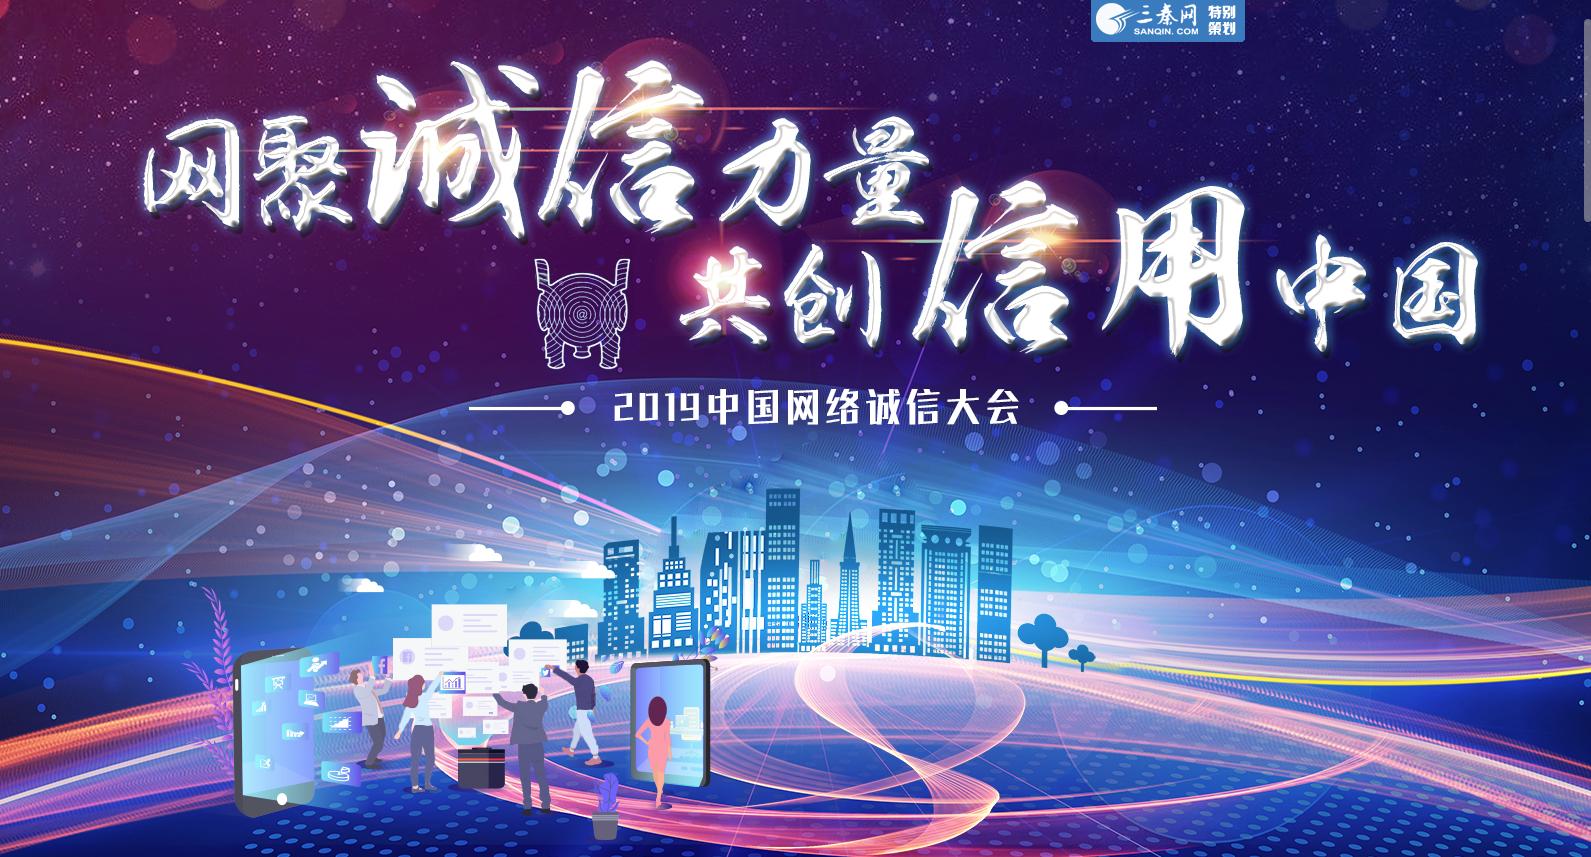 網聚誠信力量 共創信用中國